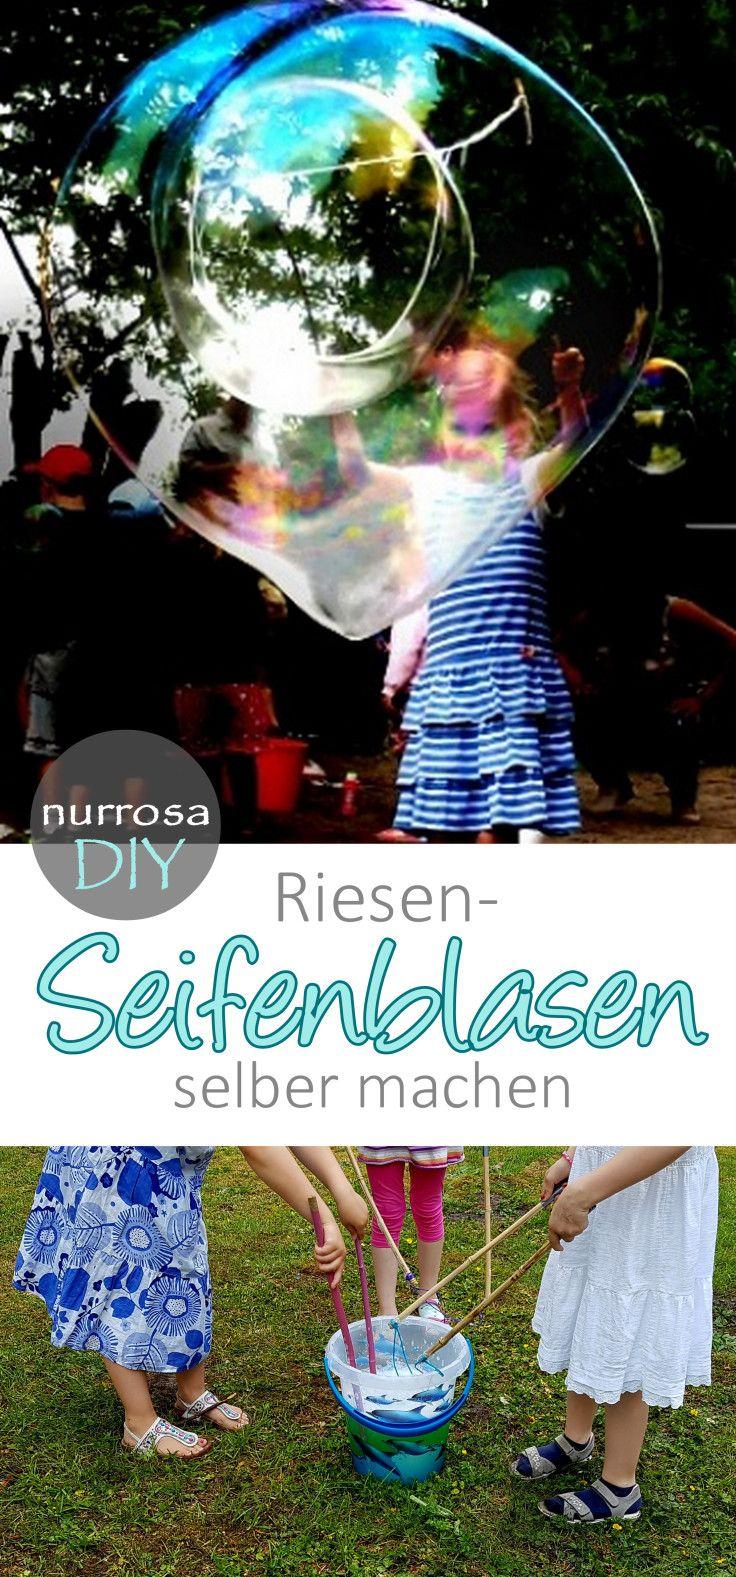 Große Seifenblasen / Riesenseifenblasen selber machen #Anweisung #Rezept #DIY # …   – Mein Familienblog nurrosa.com